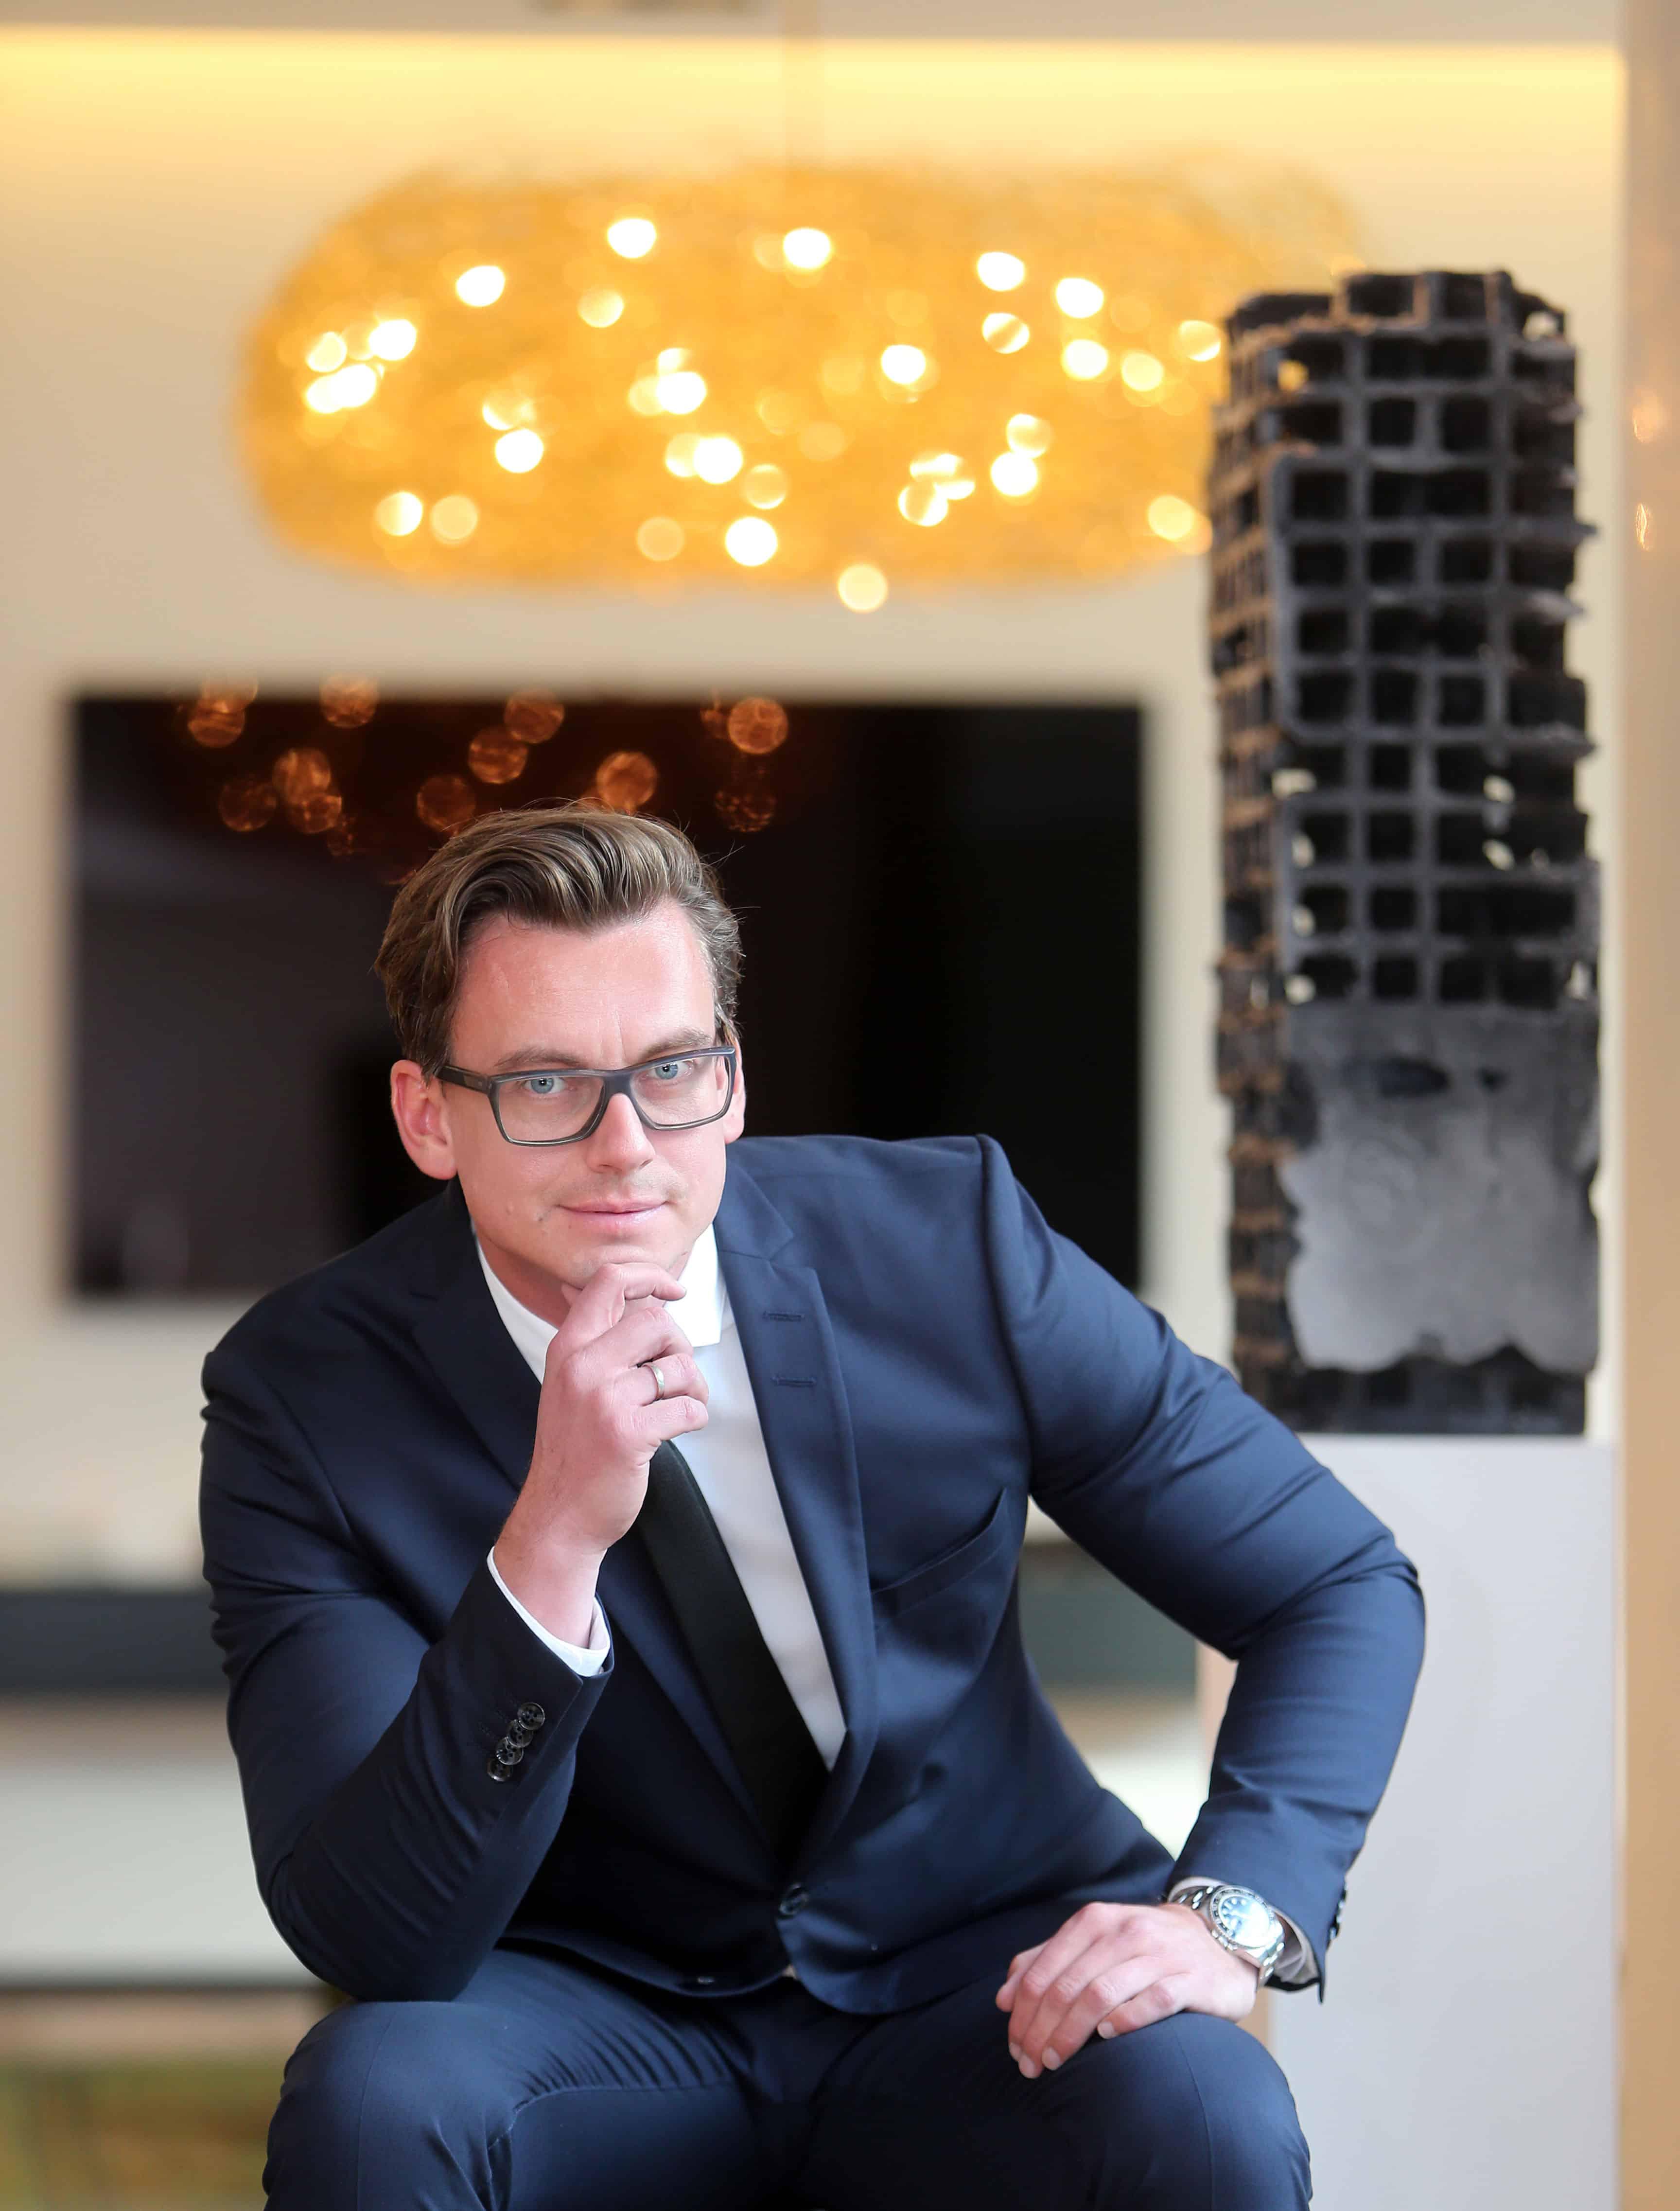 Andreas Sarow, Künstler und Stadtrat